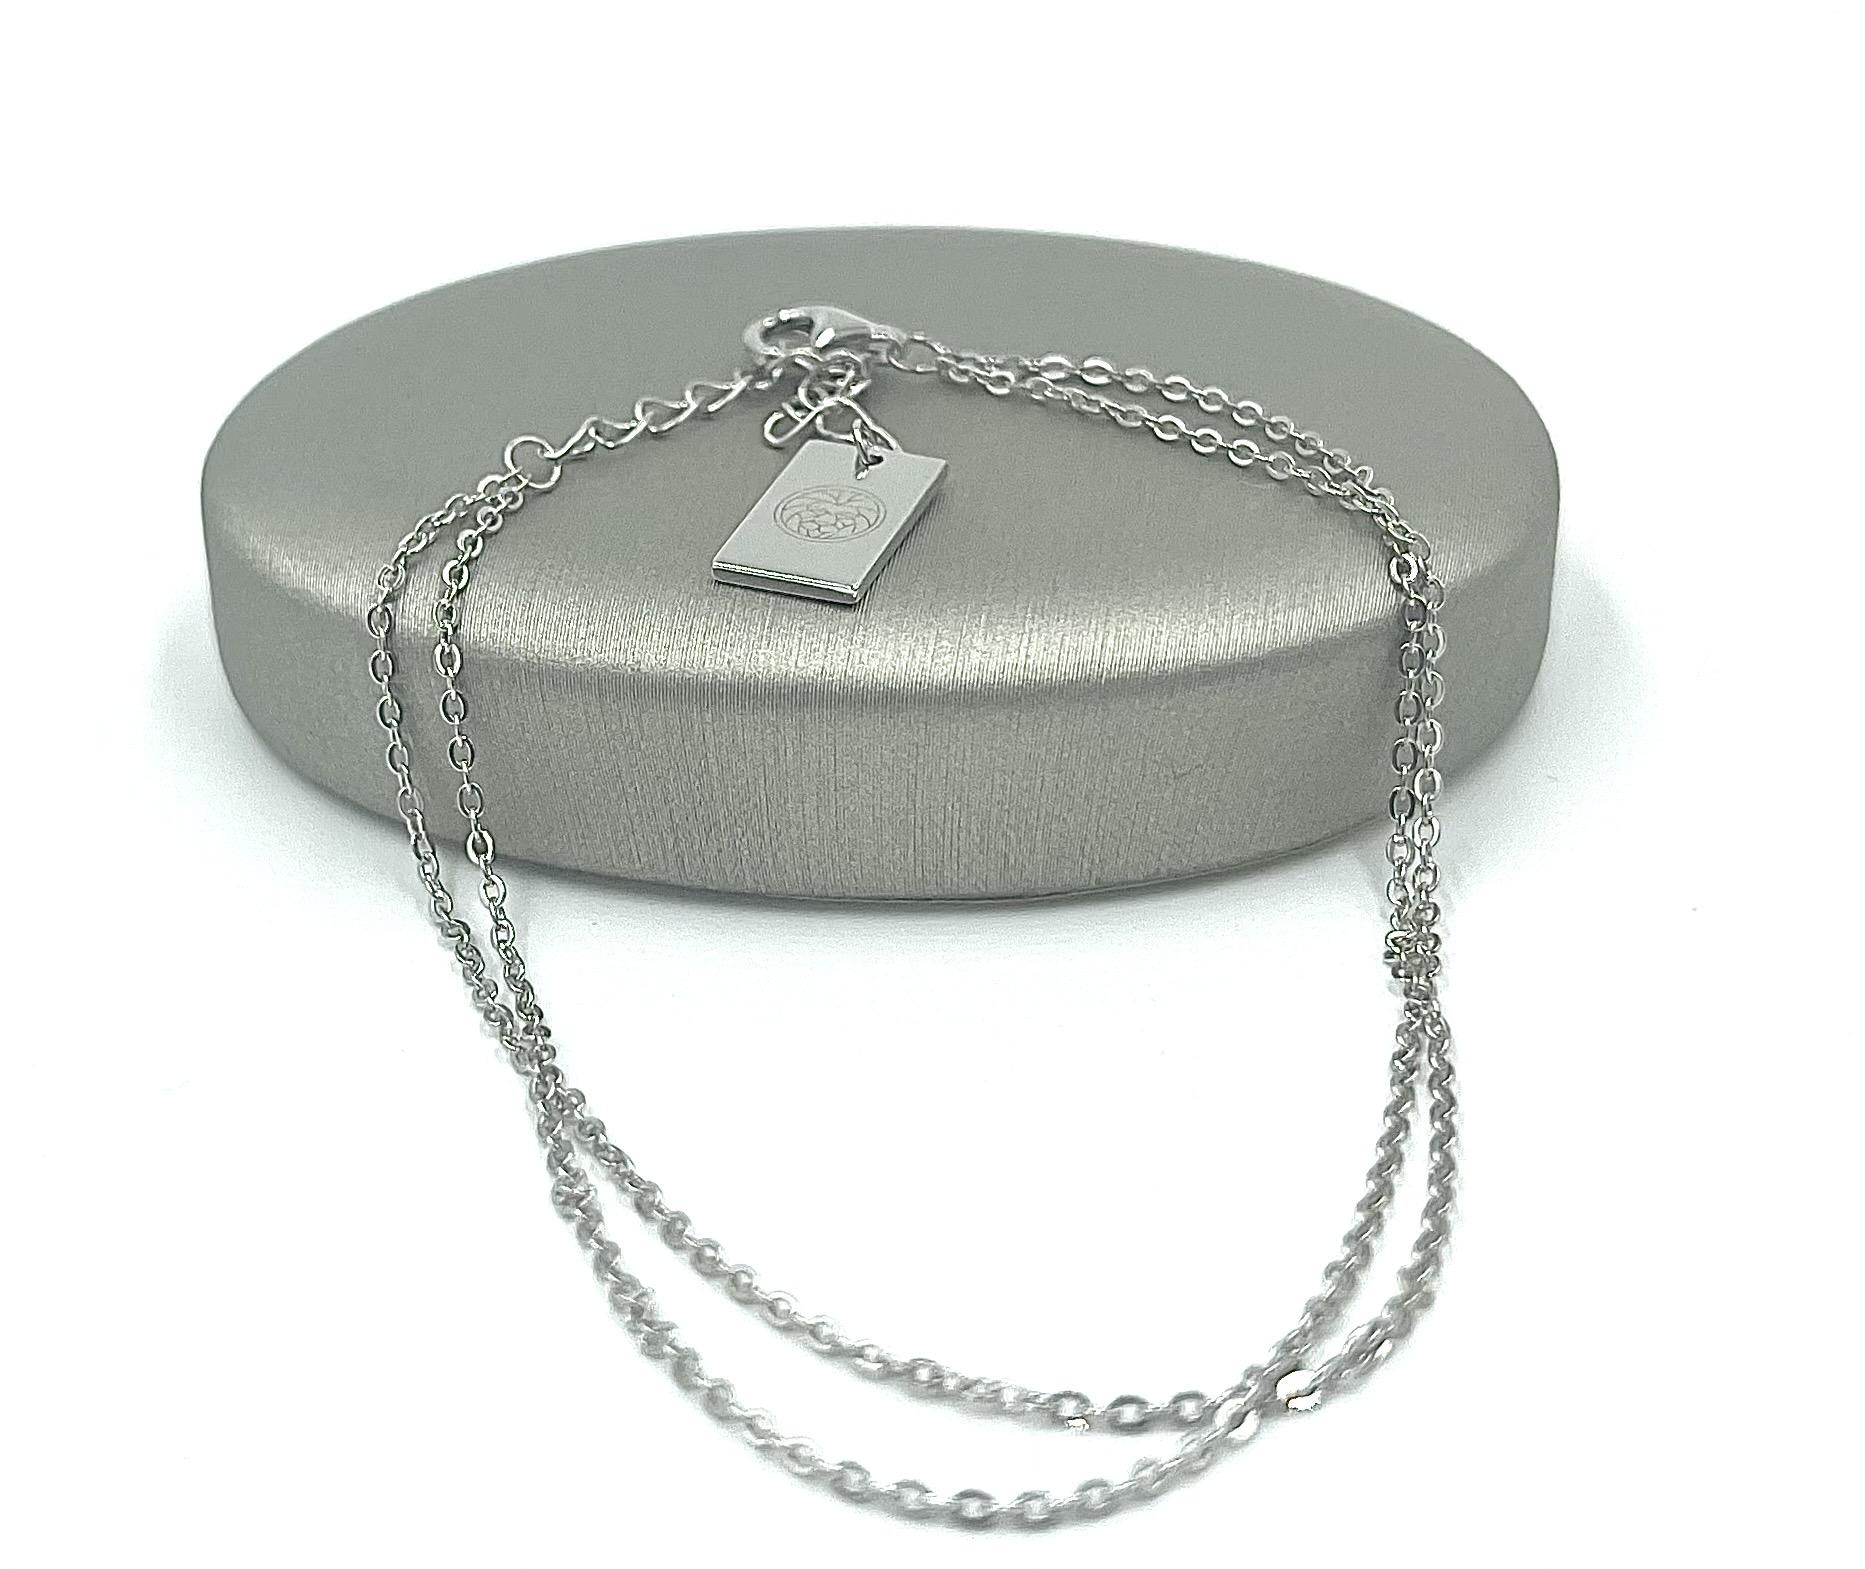 J .lionthelabel-Soleil bracelet silver-007